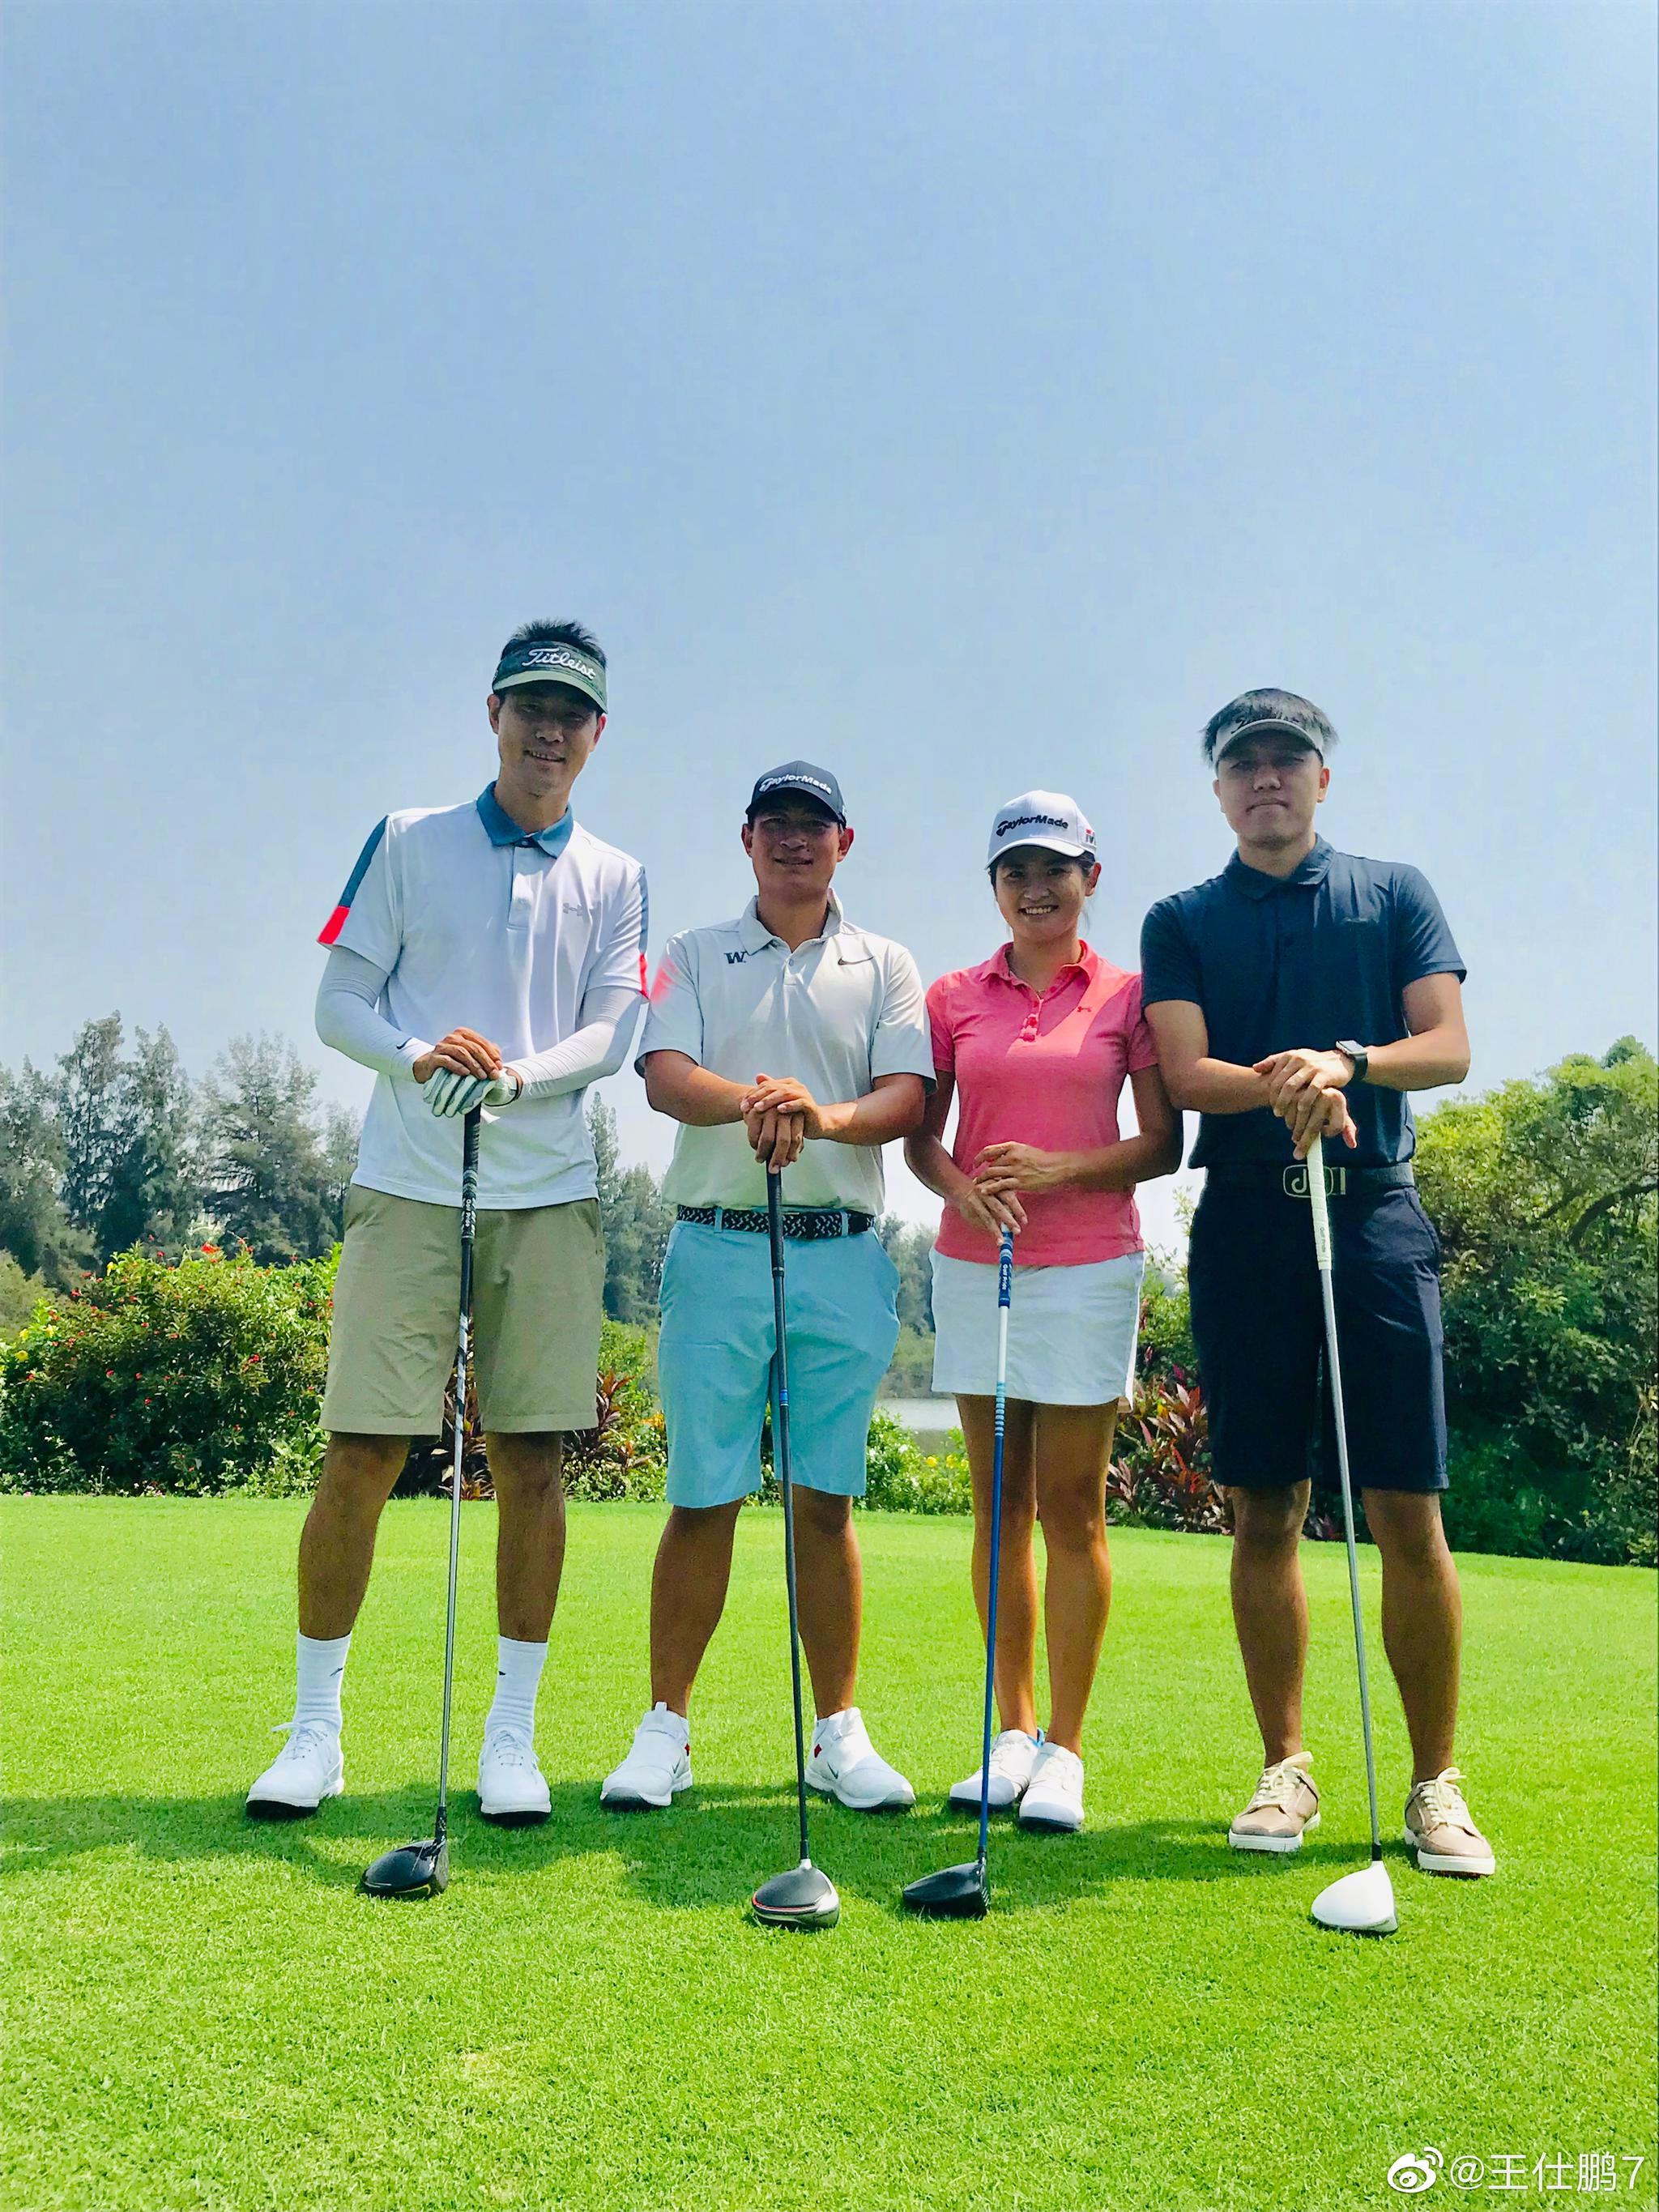 师父@罗莹Cathy 带着陪练@袁也淳golf 带我下场